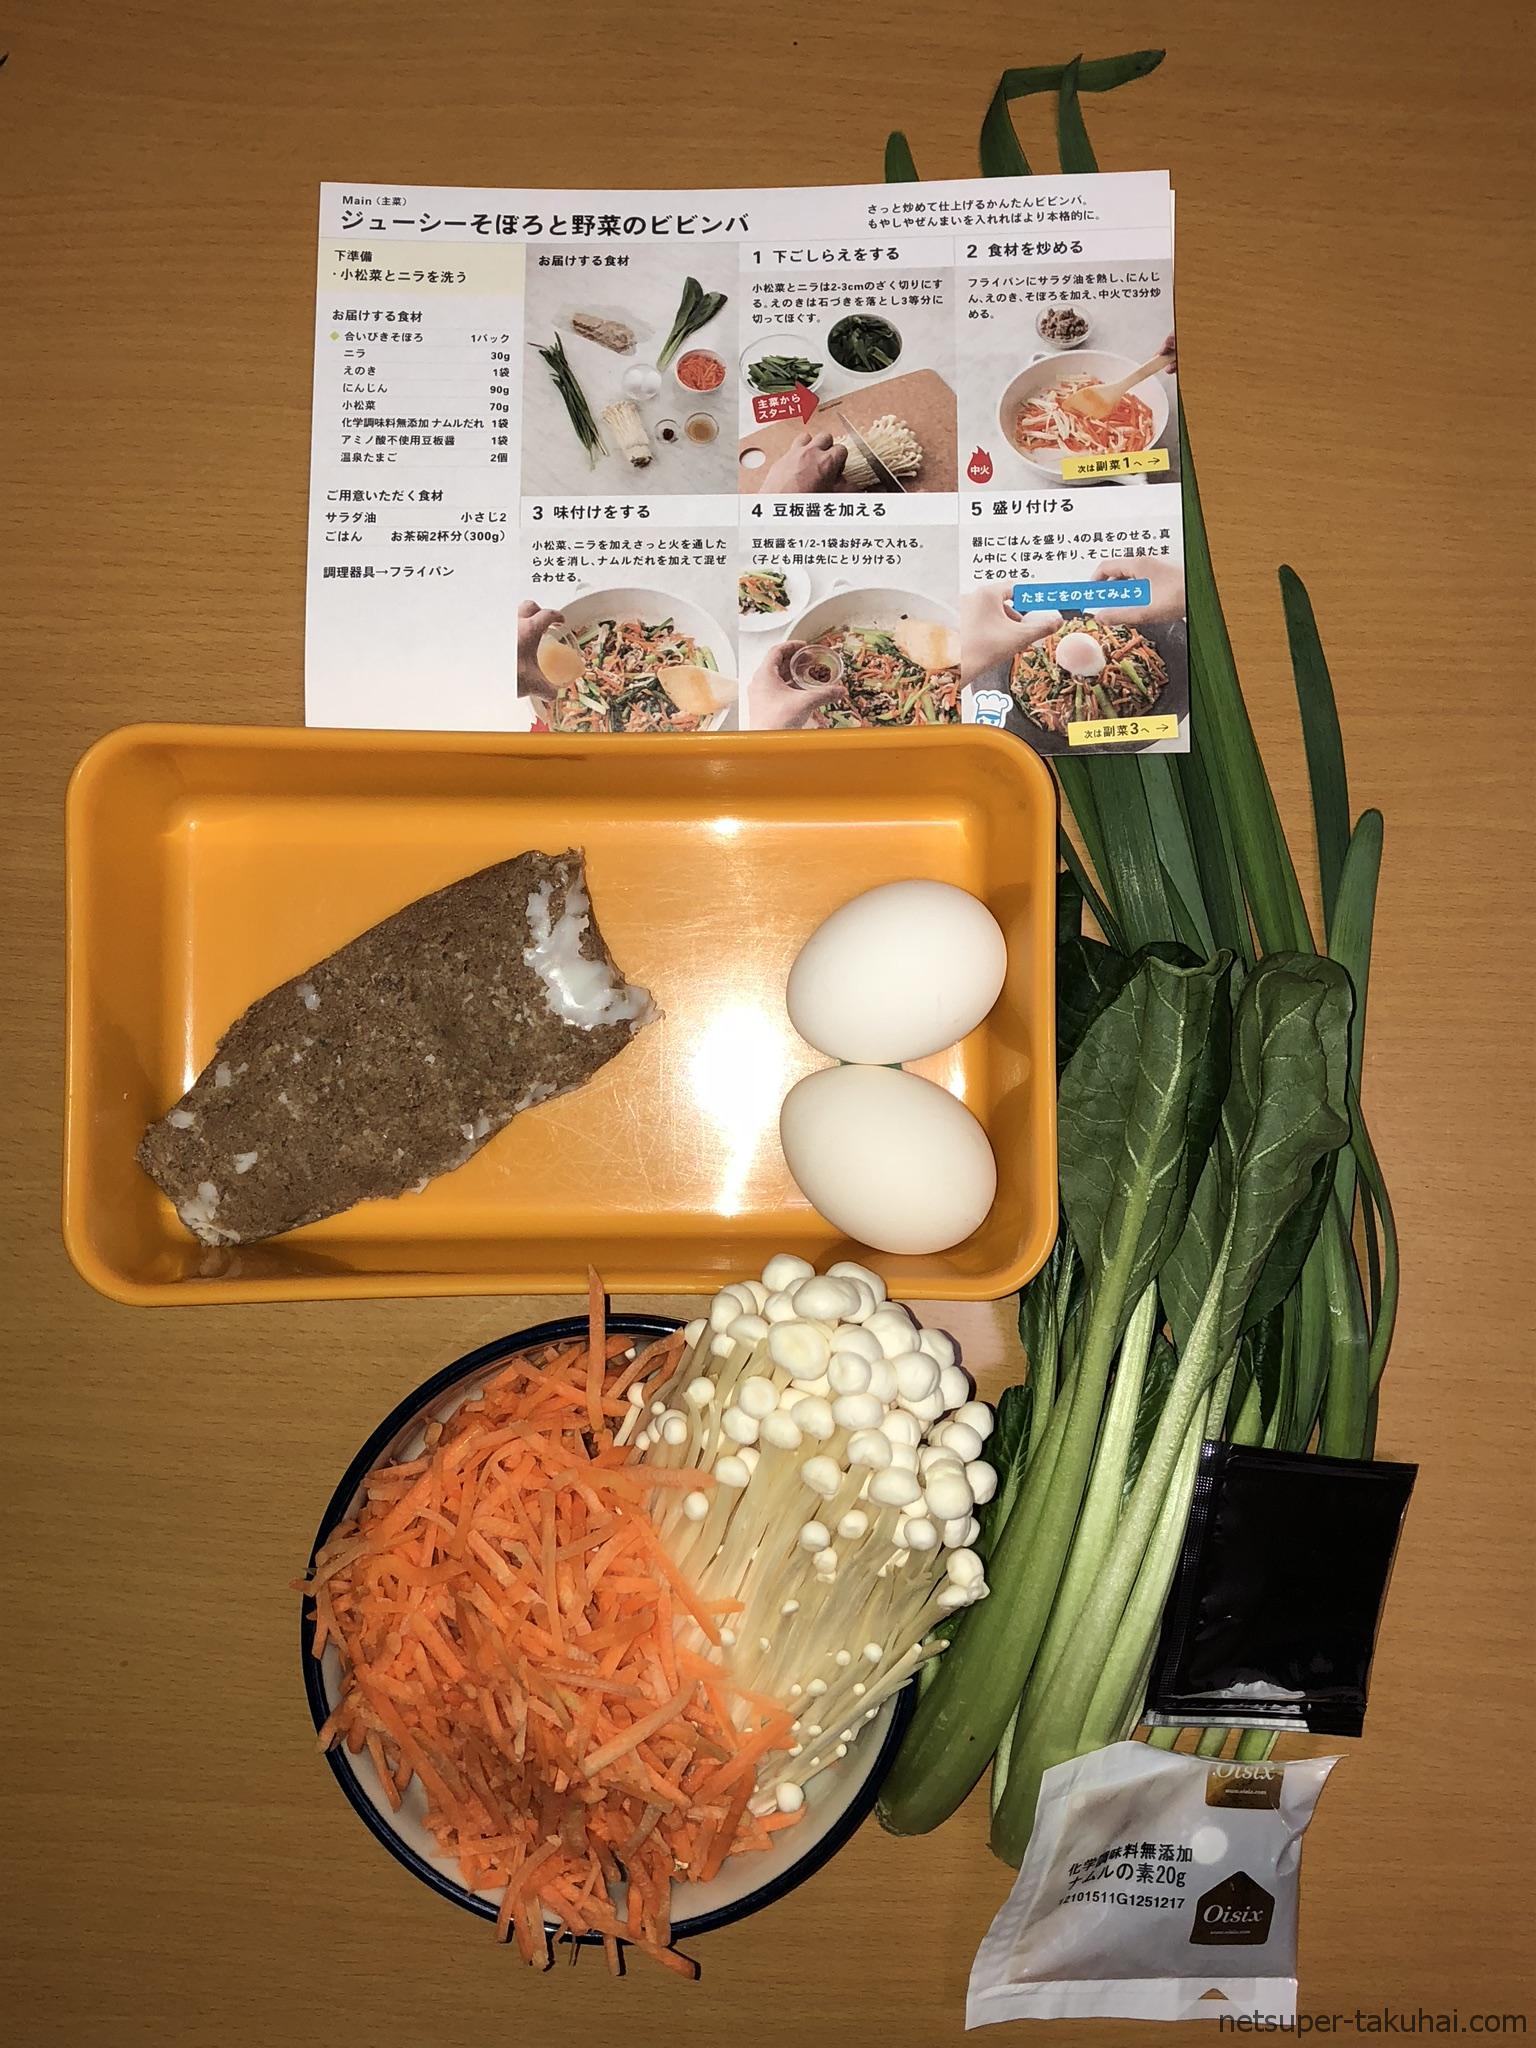 ビビンバの食材集合写真